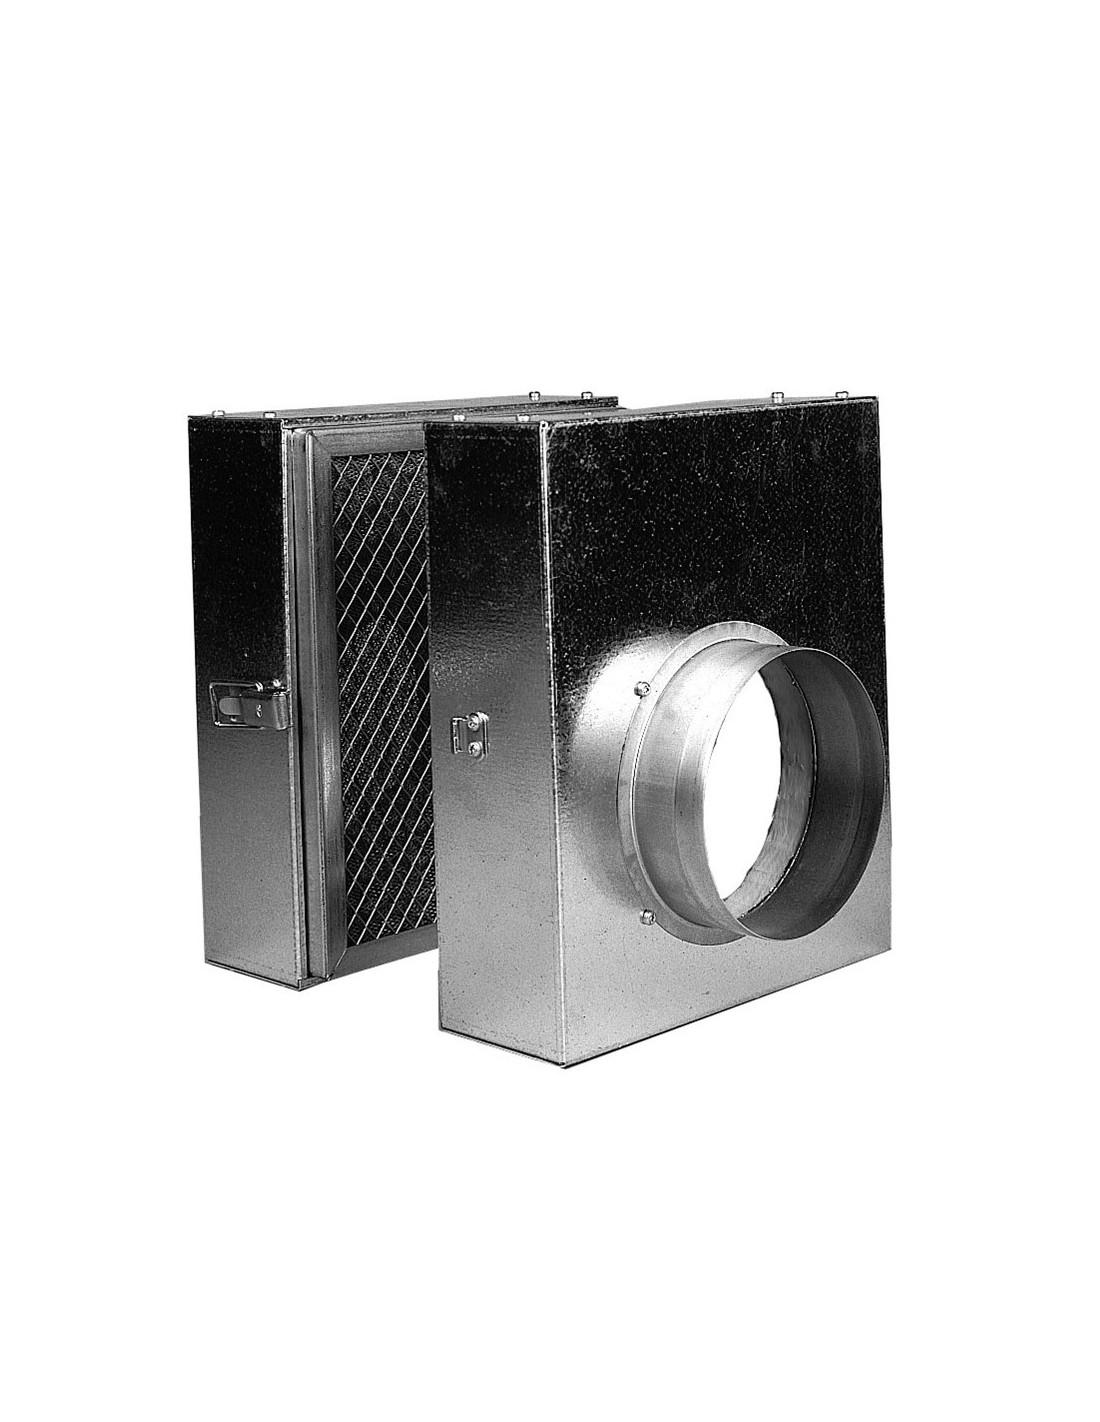 Convecteur Salle De Bain Sylvania ~ caisson filtre 160 difuzair pour r cup rateur air chaud